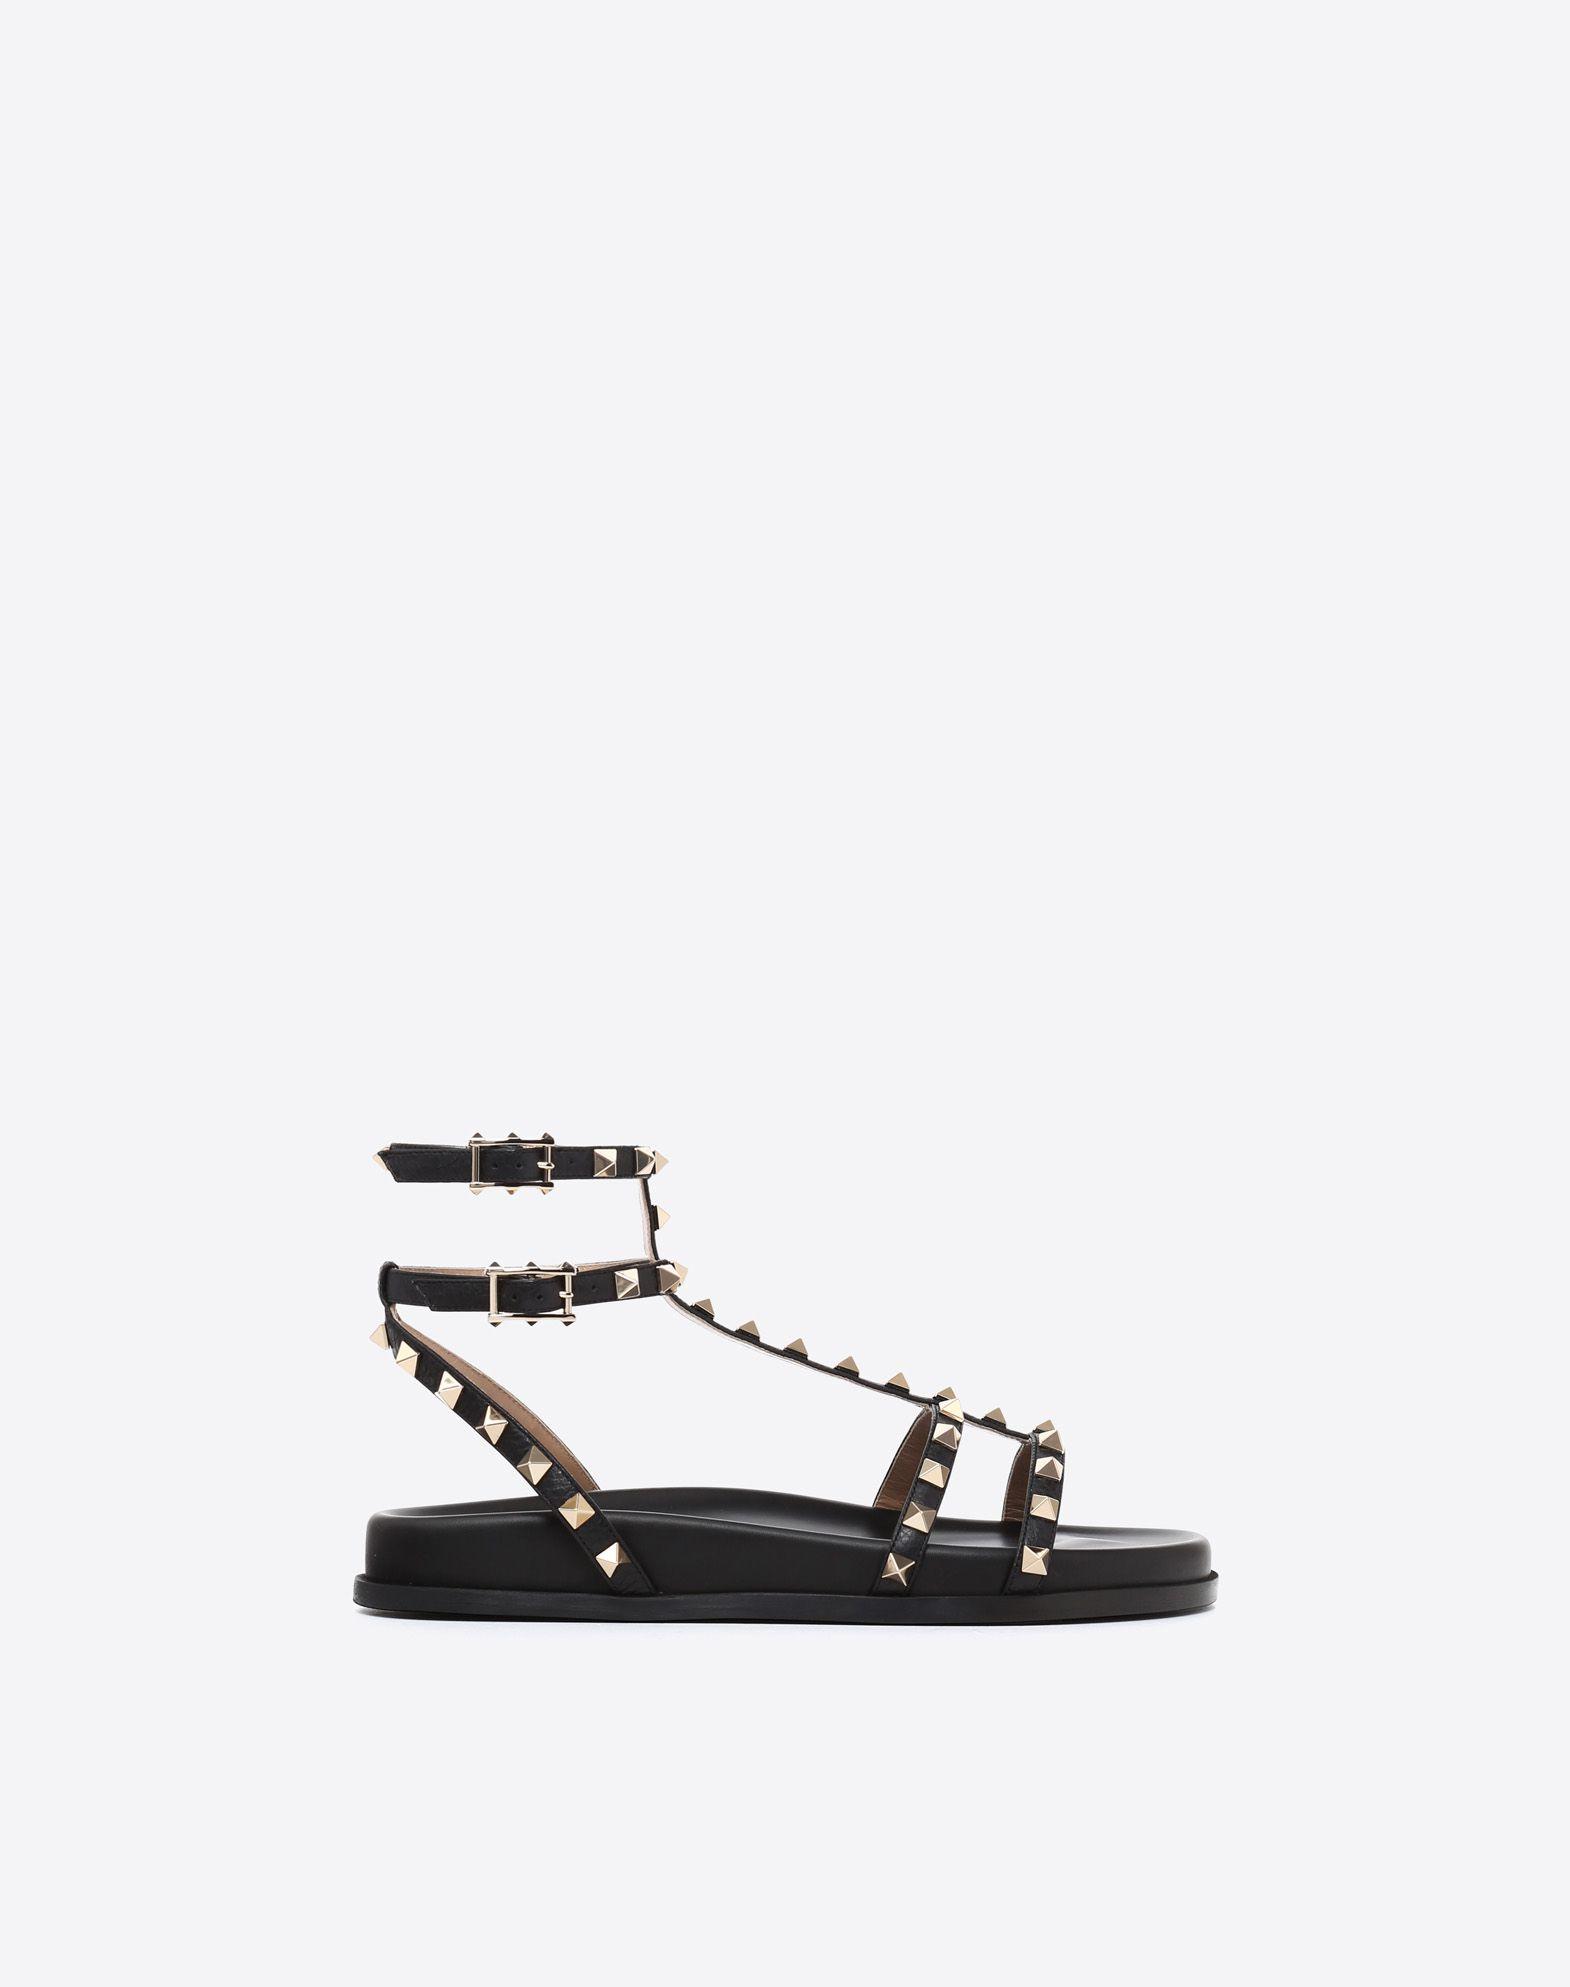 VALENTINO GARAVANI Rockstud Low Sandal Sandal D f